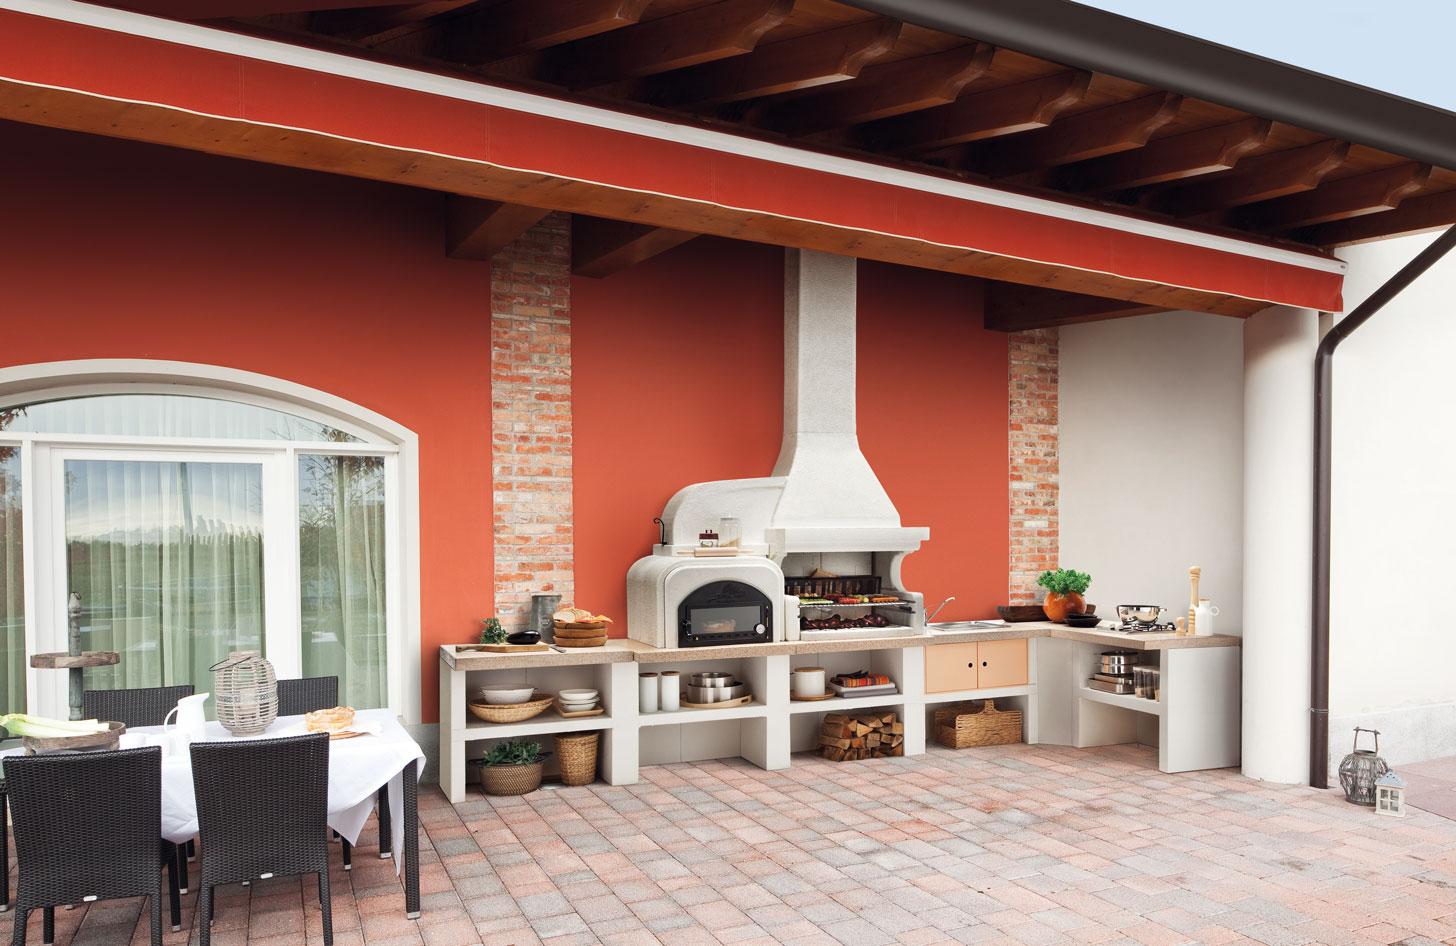 Cucine da esterno piani cottura barbecue e arredi per for Programma per arredare cucina